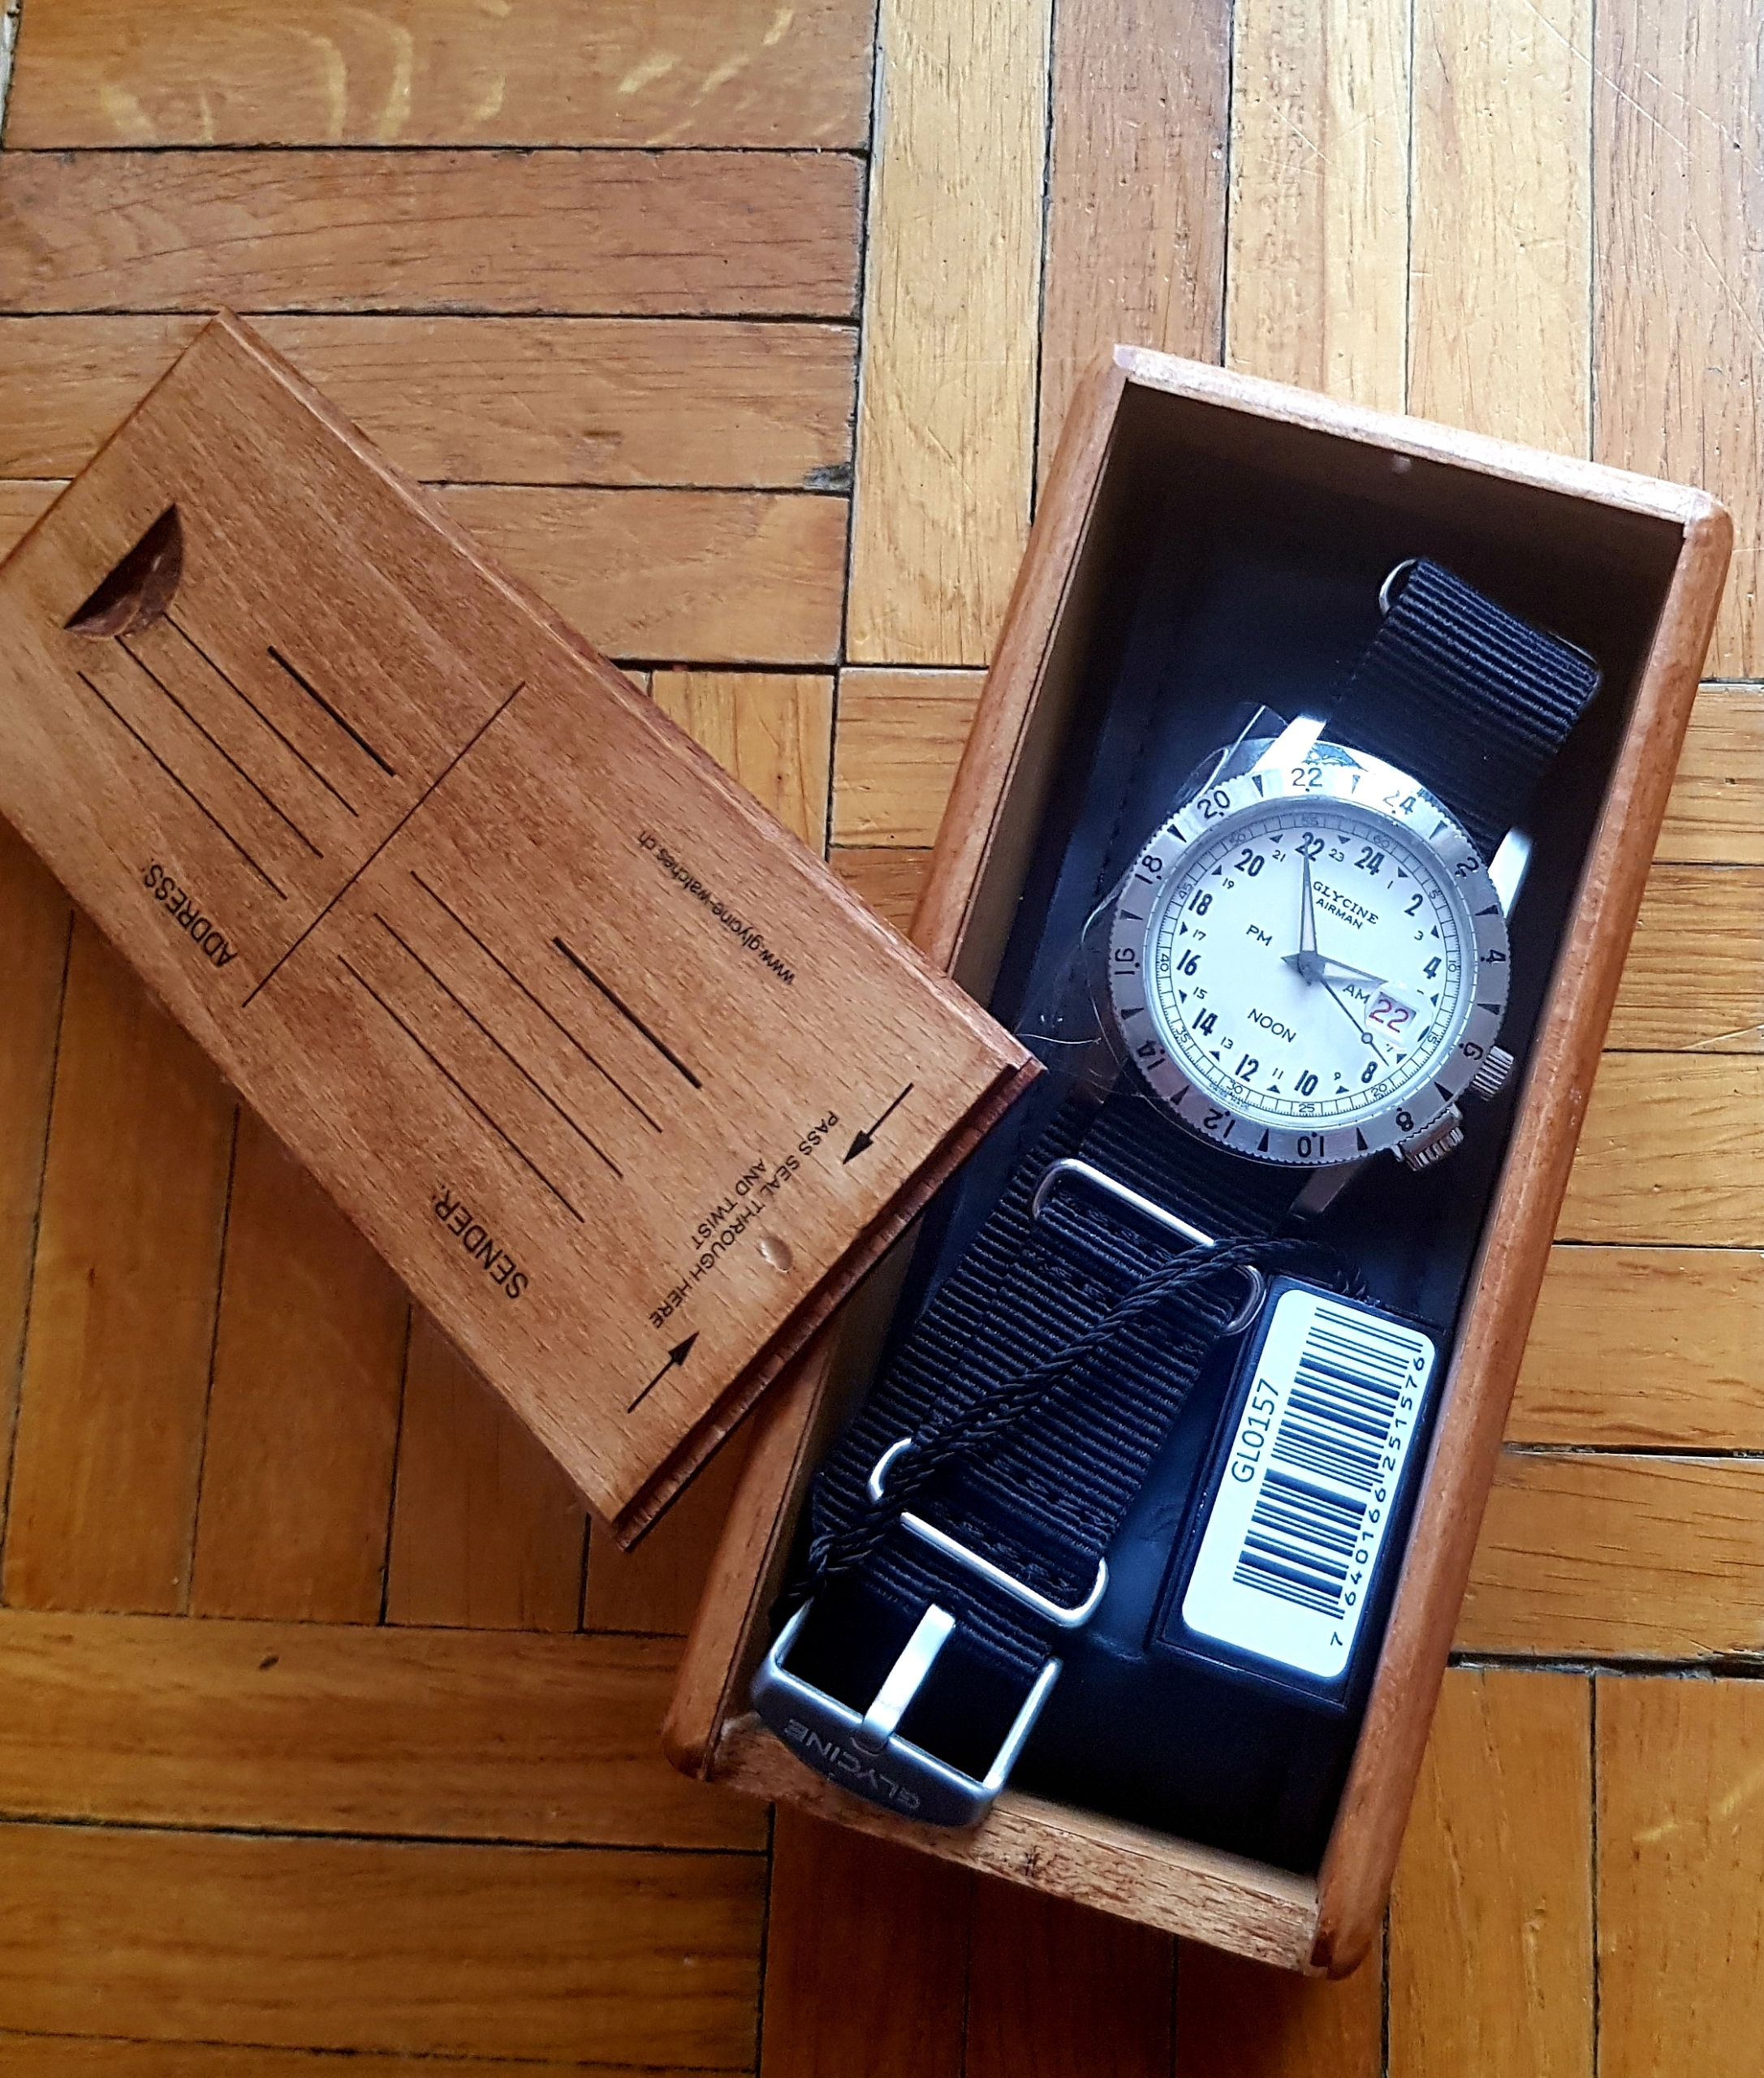 Zegarek Glycine GL0157 Limitowany nr 587/1000